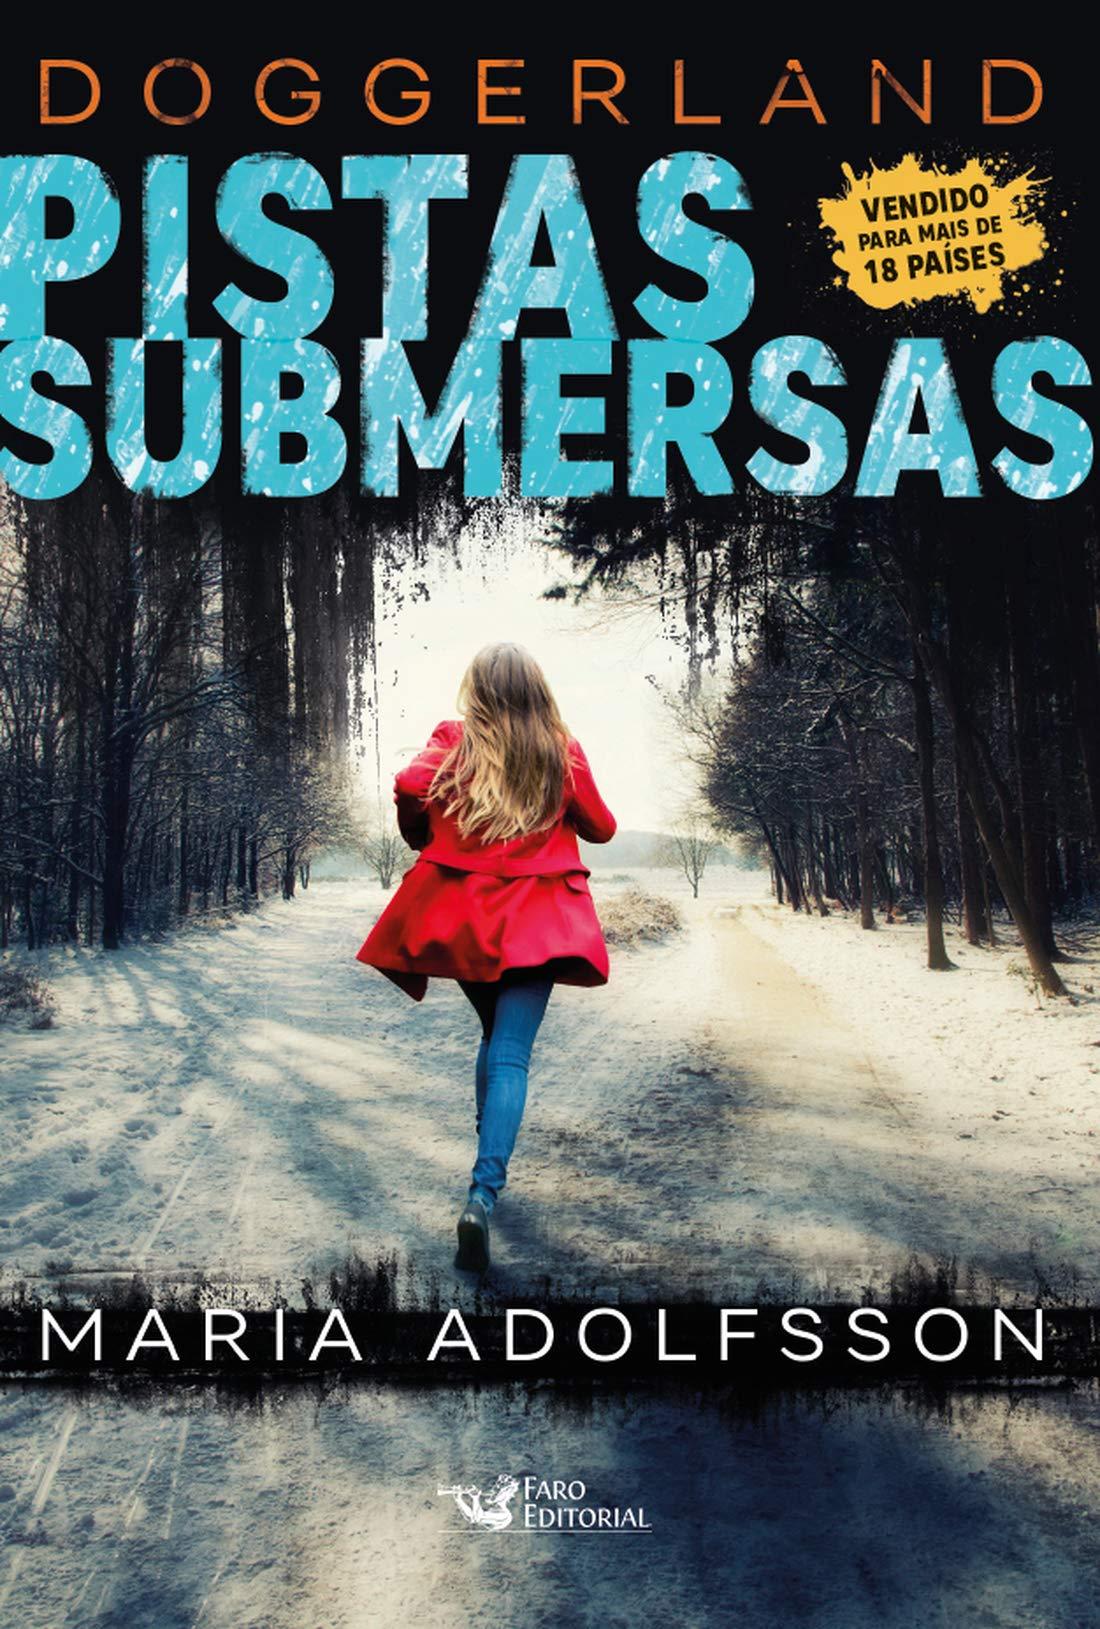 Pistas Submersas - 9788595811027 - Livros na Amazon Brasil